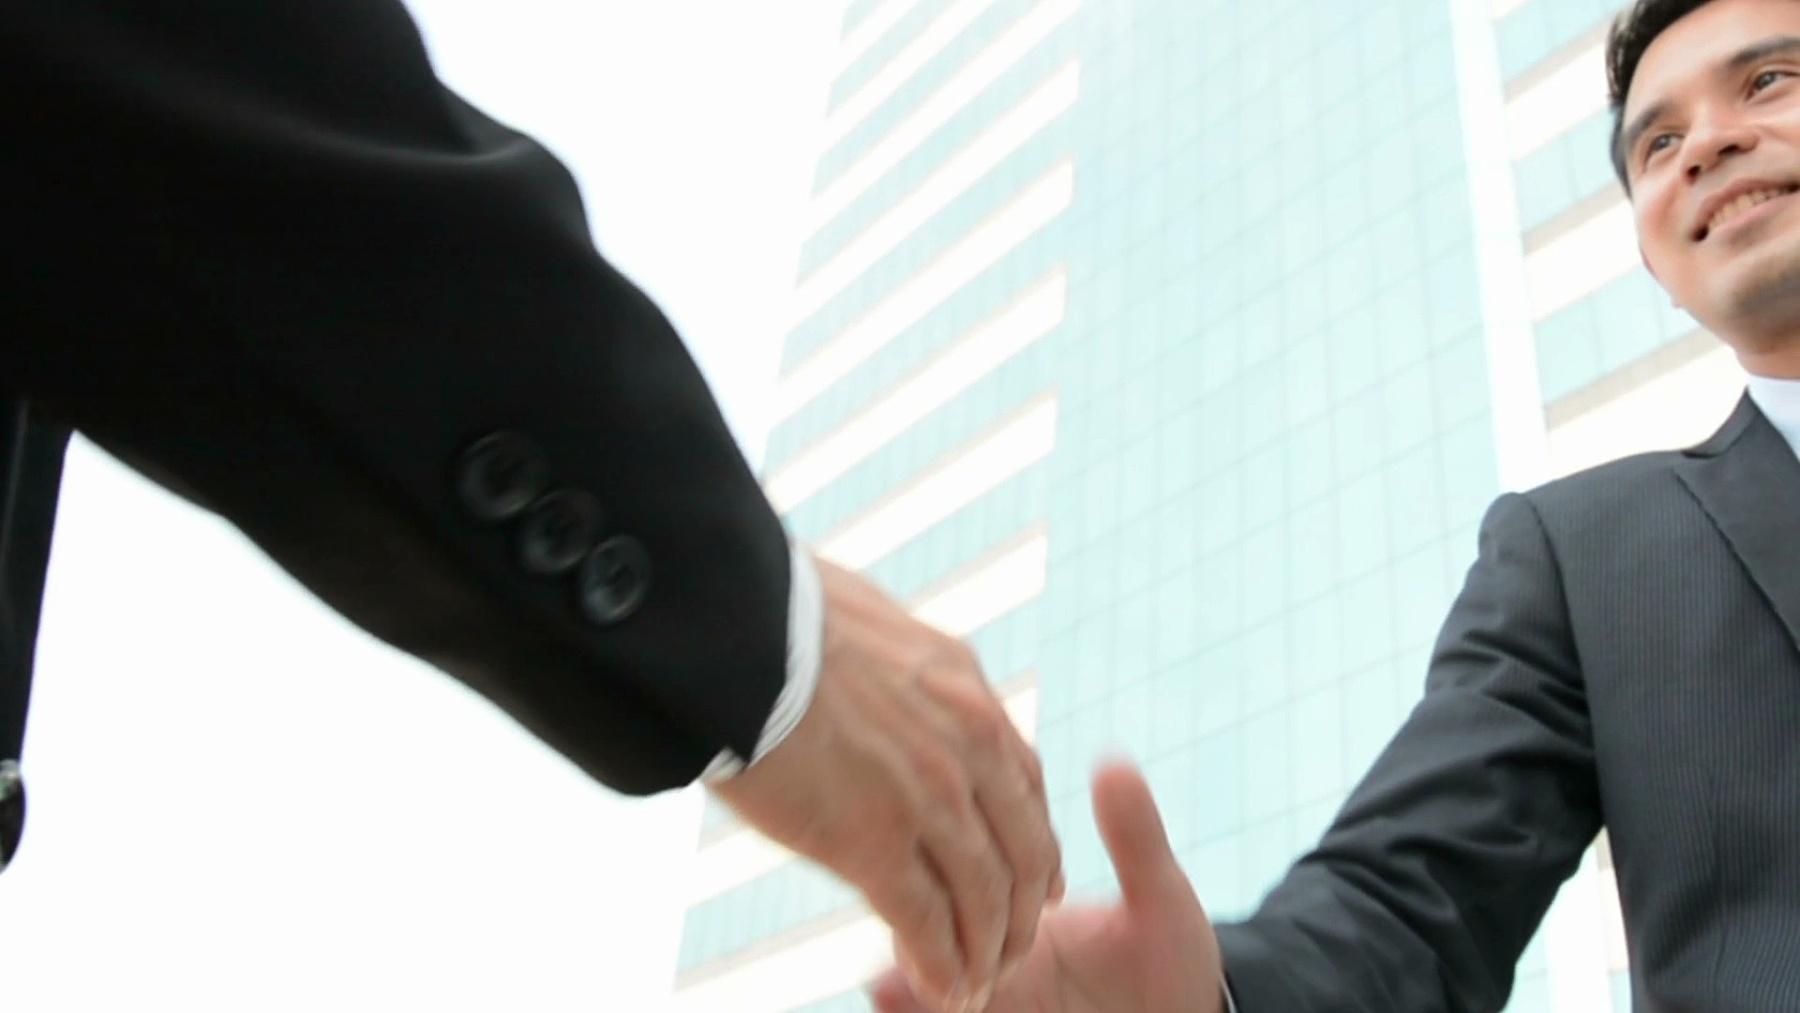 面带微笑的商人握手(慢动作)